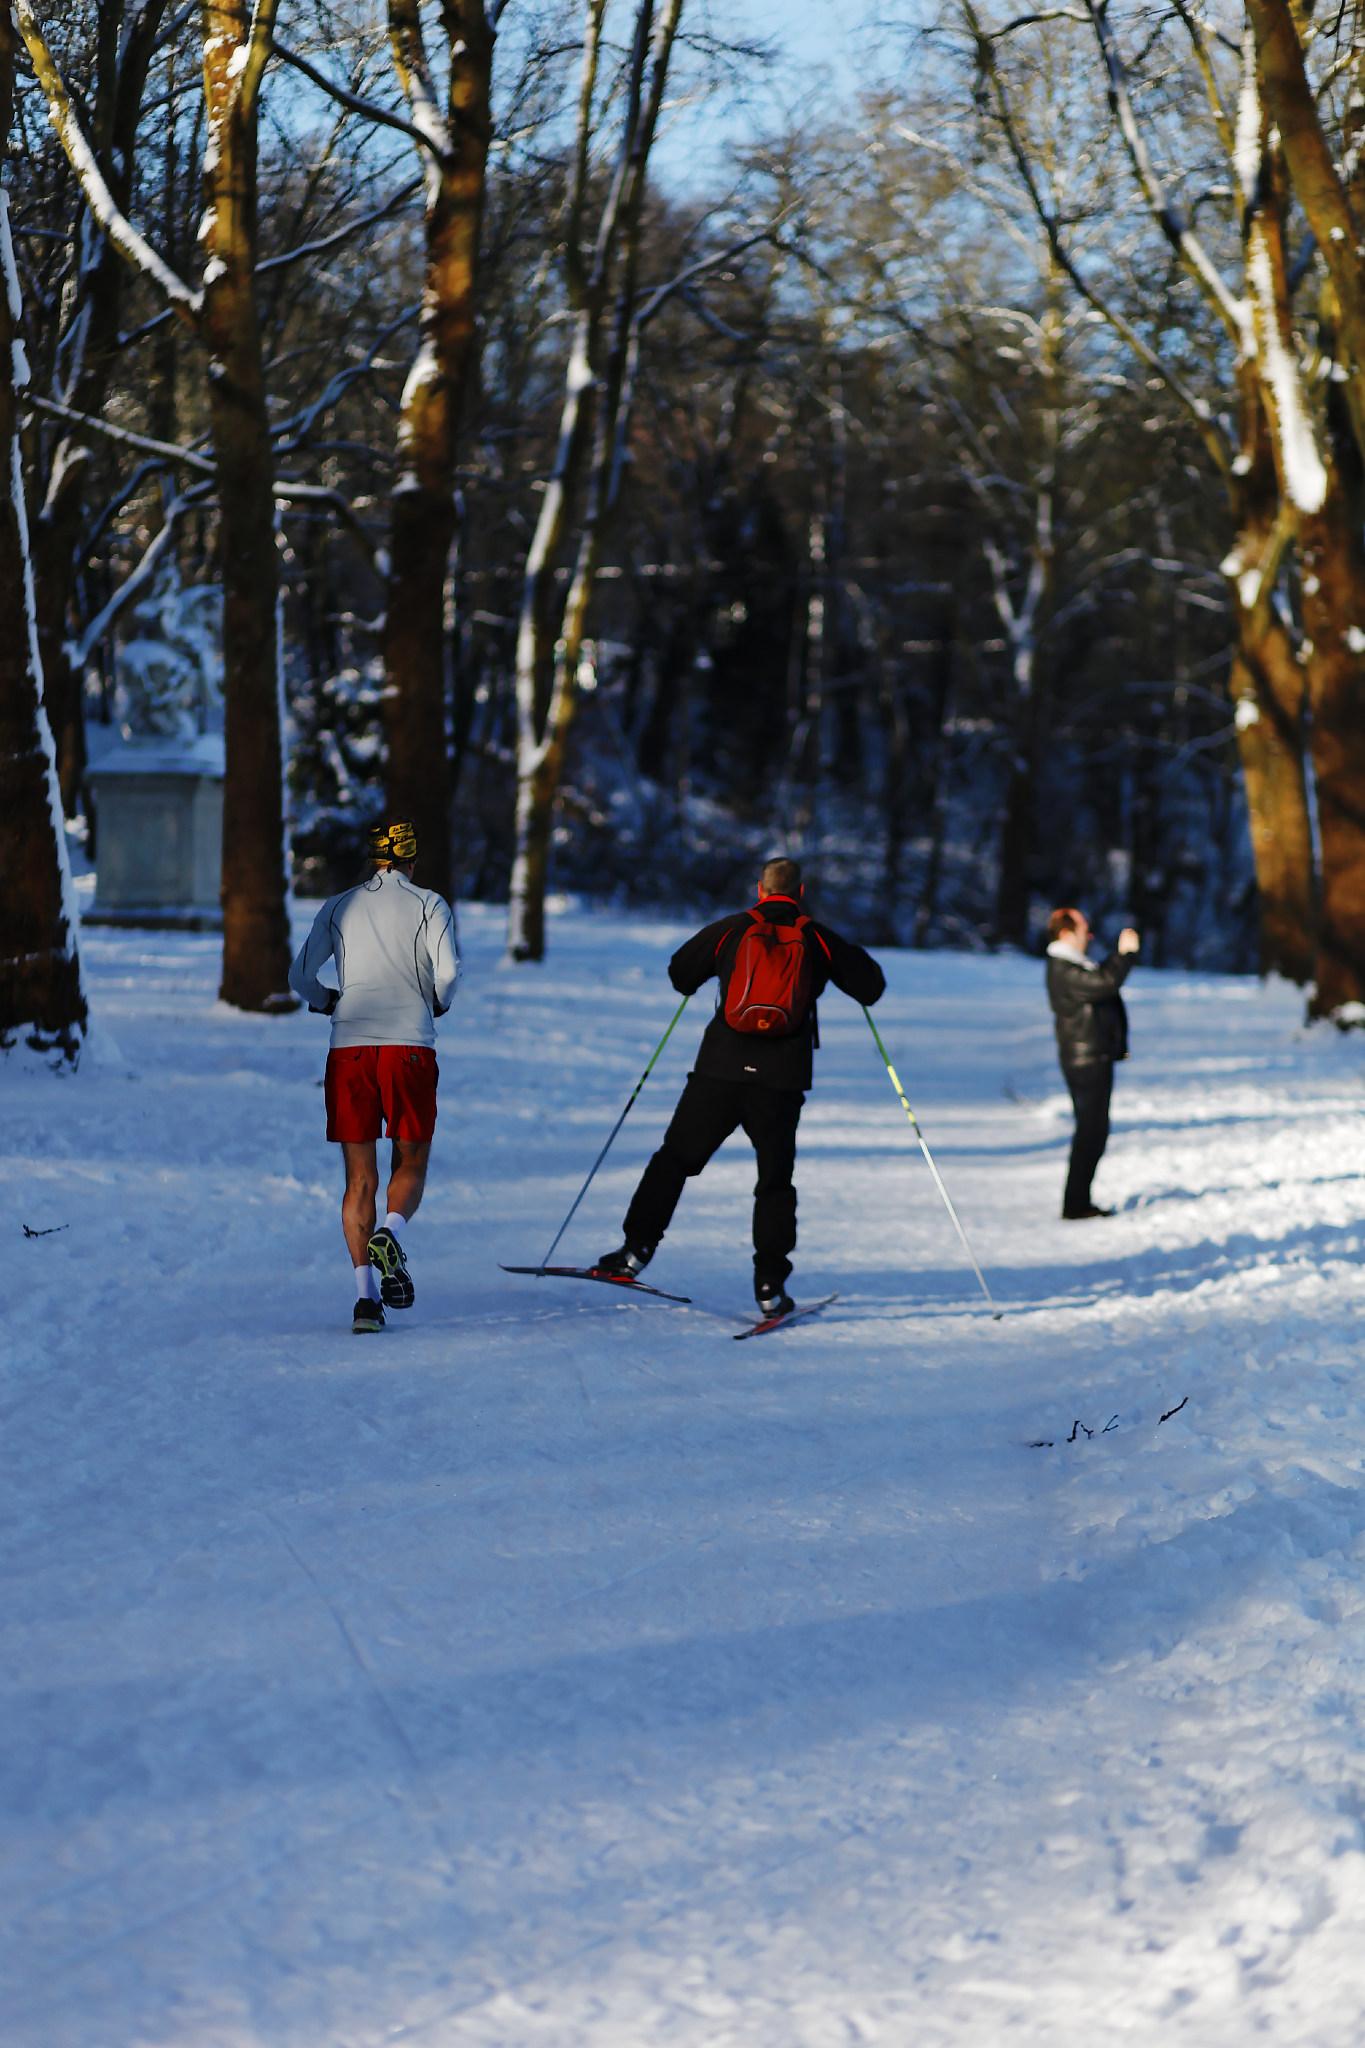 VERSAILLES SNOW LES INDISPENSABLES PARIS (1).jpg